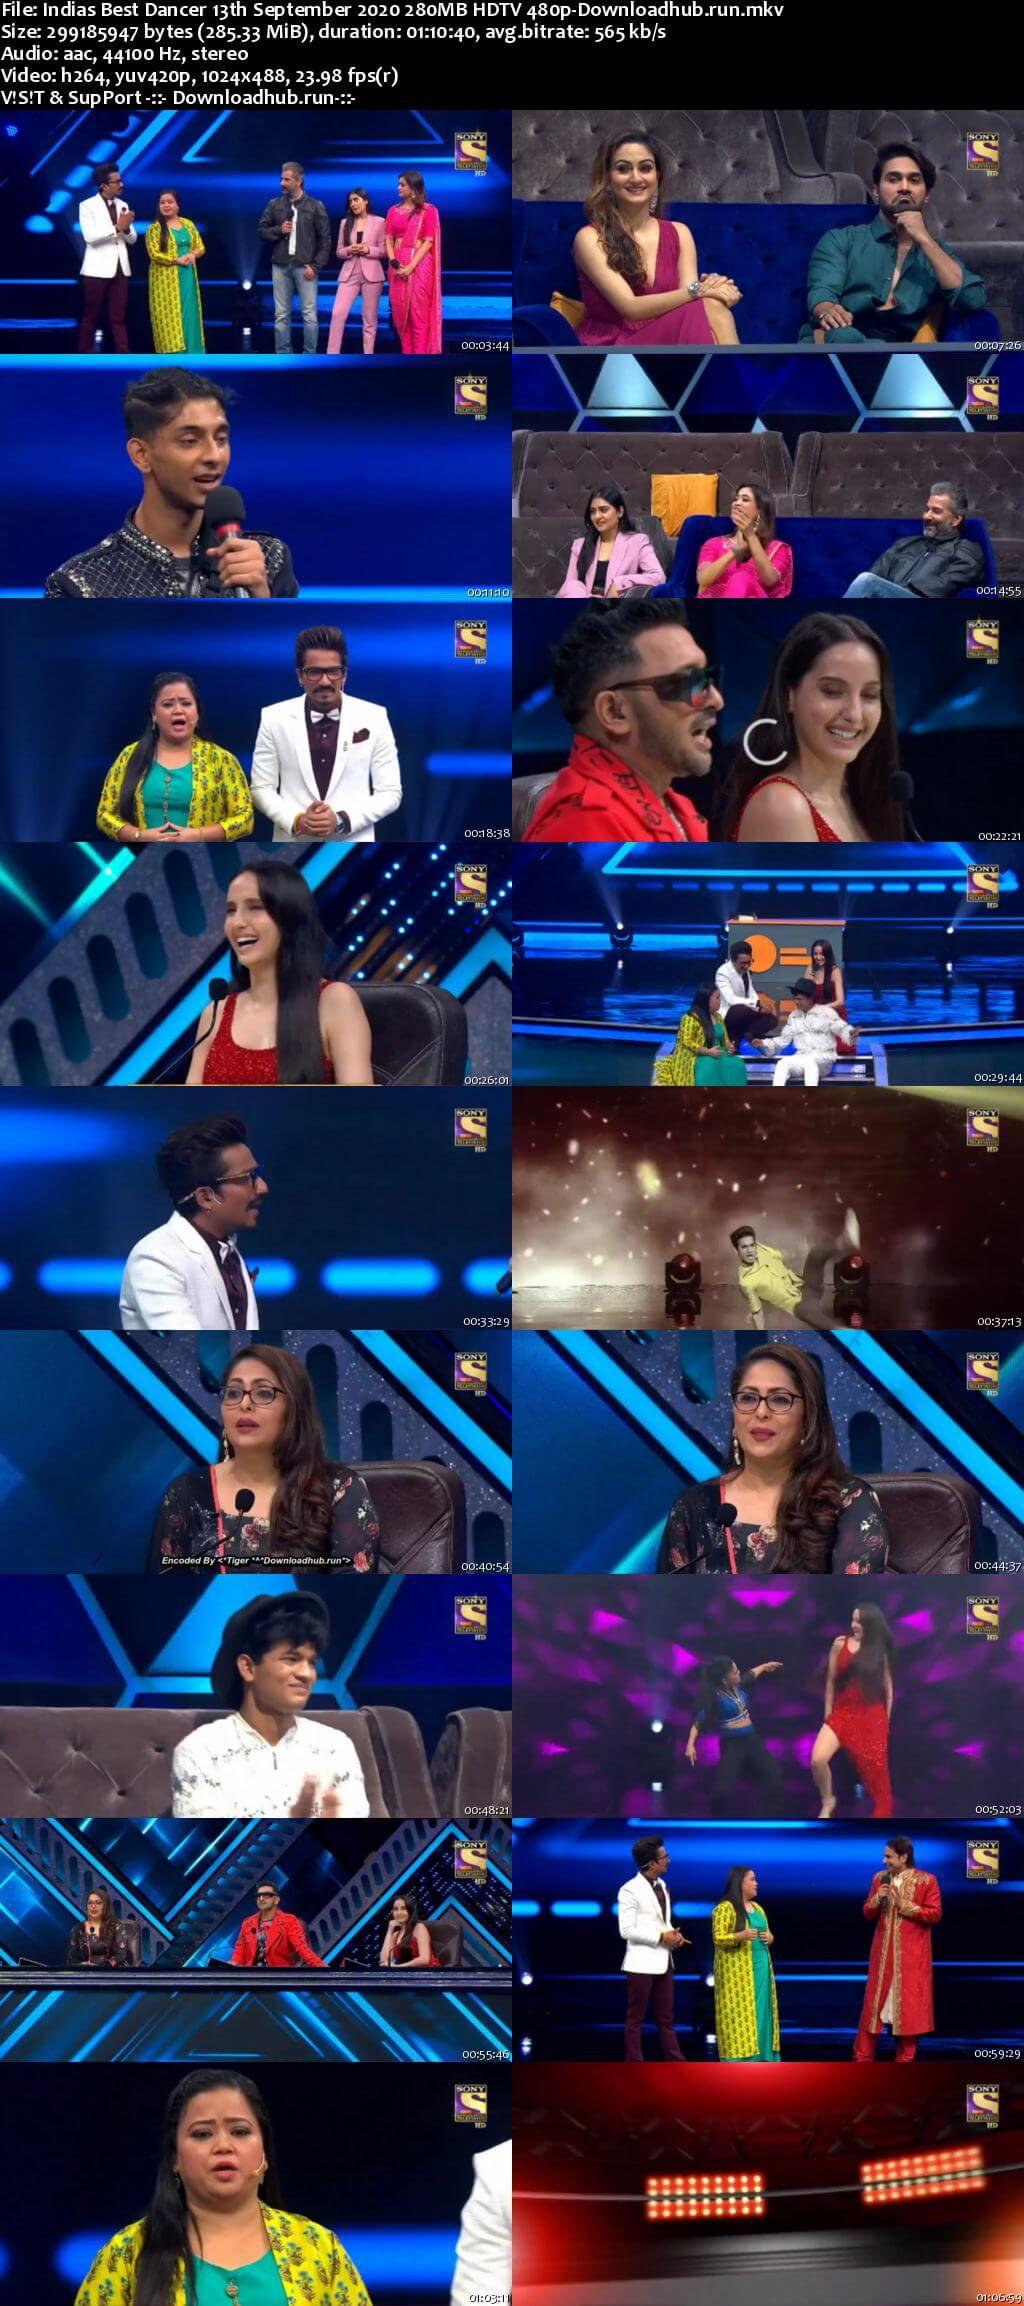 Indias Best Dancer 13 September 2020 Episode 28 HDTV 480p